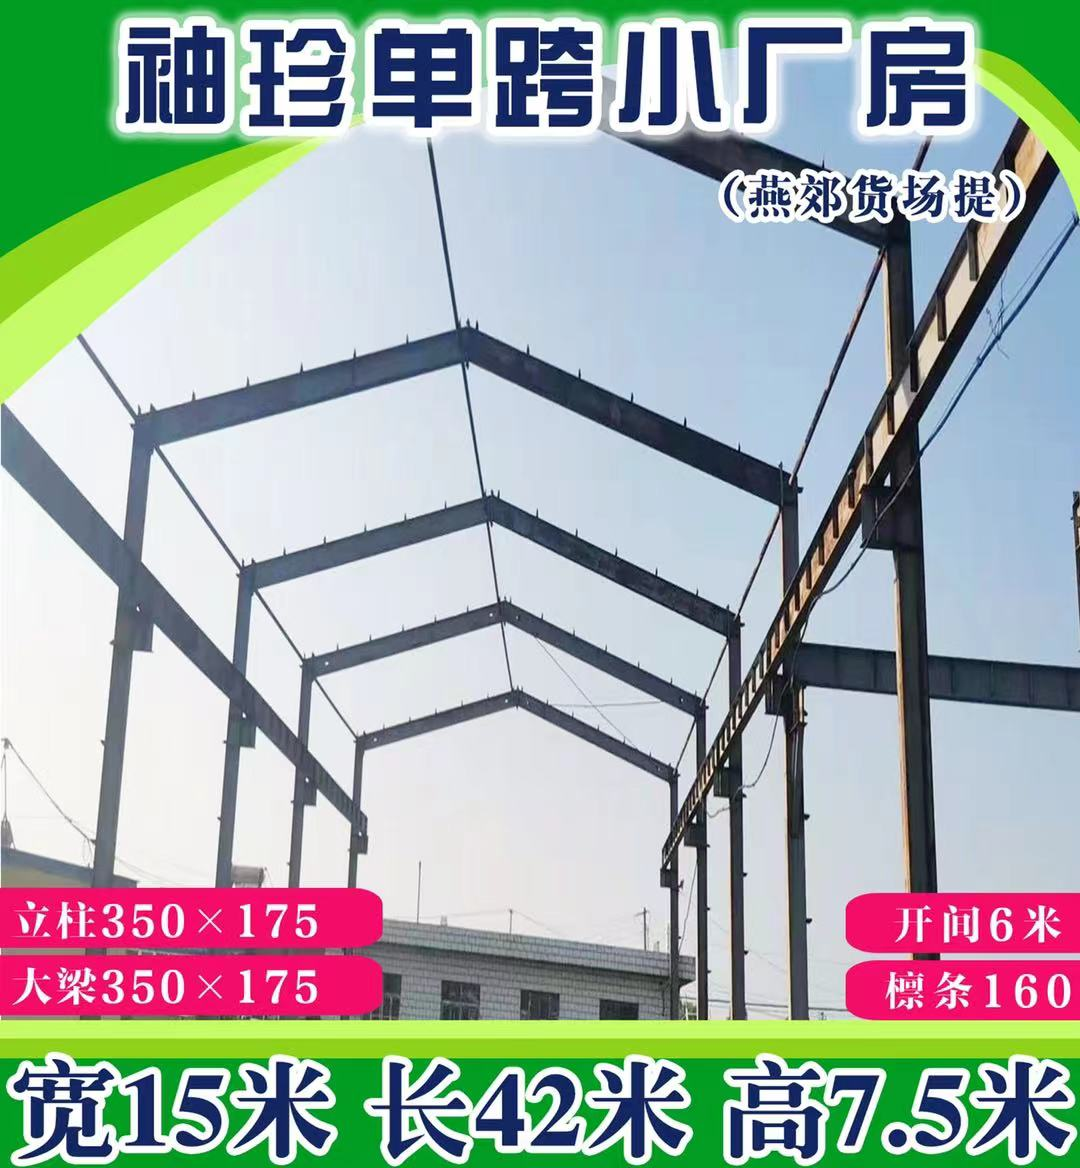 出售袖珍单跨小厂房 宽15米 长42米 高7.5米